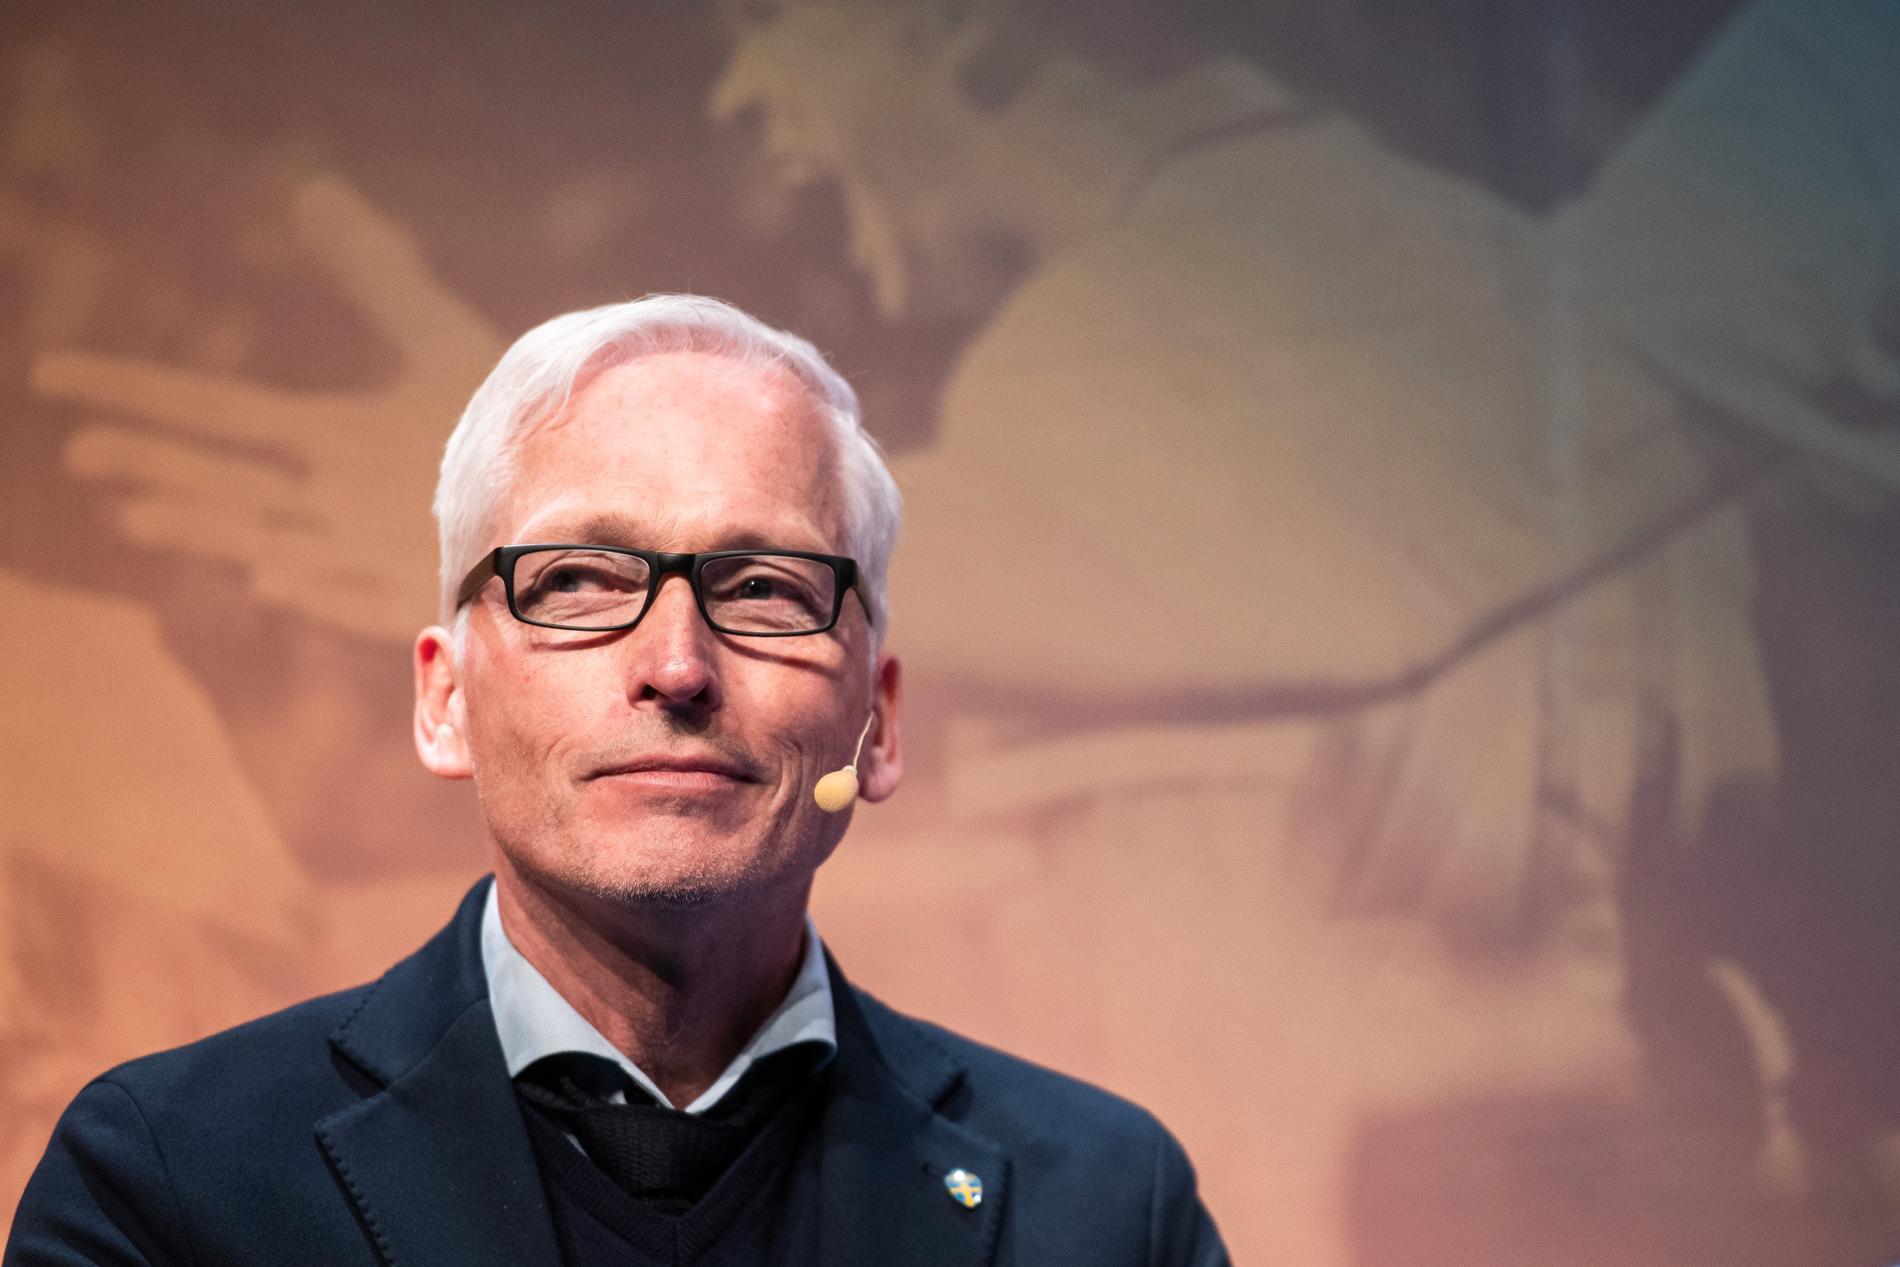 Generalsekreterare på Svenska fotbollförbundet, Håkan Sjöstrand